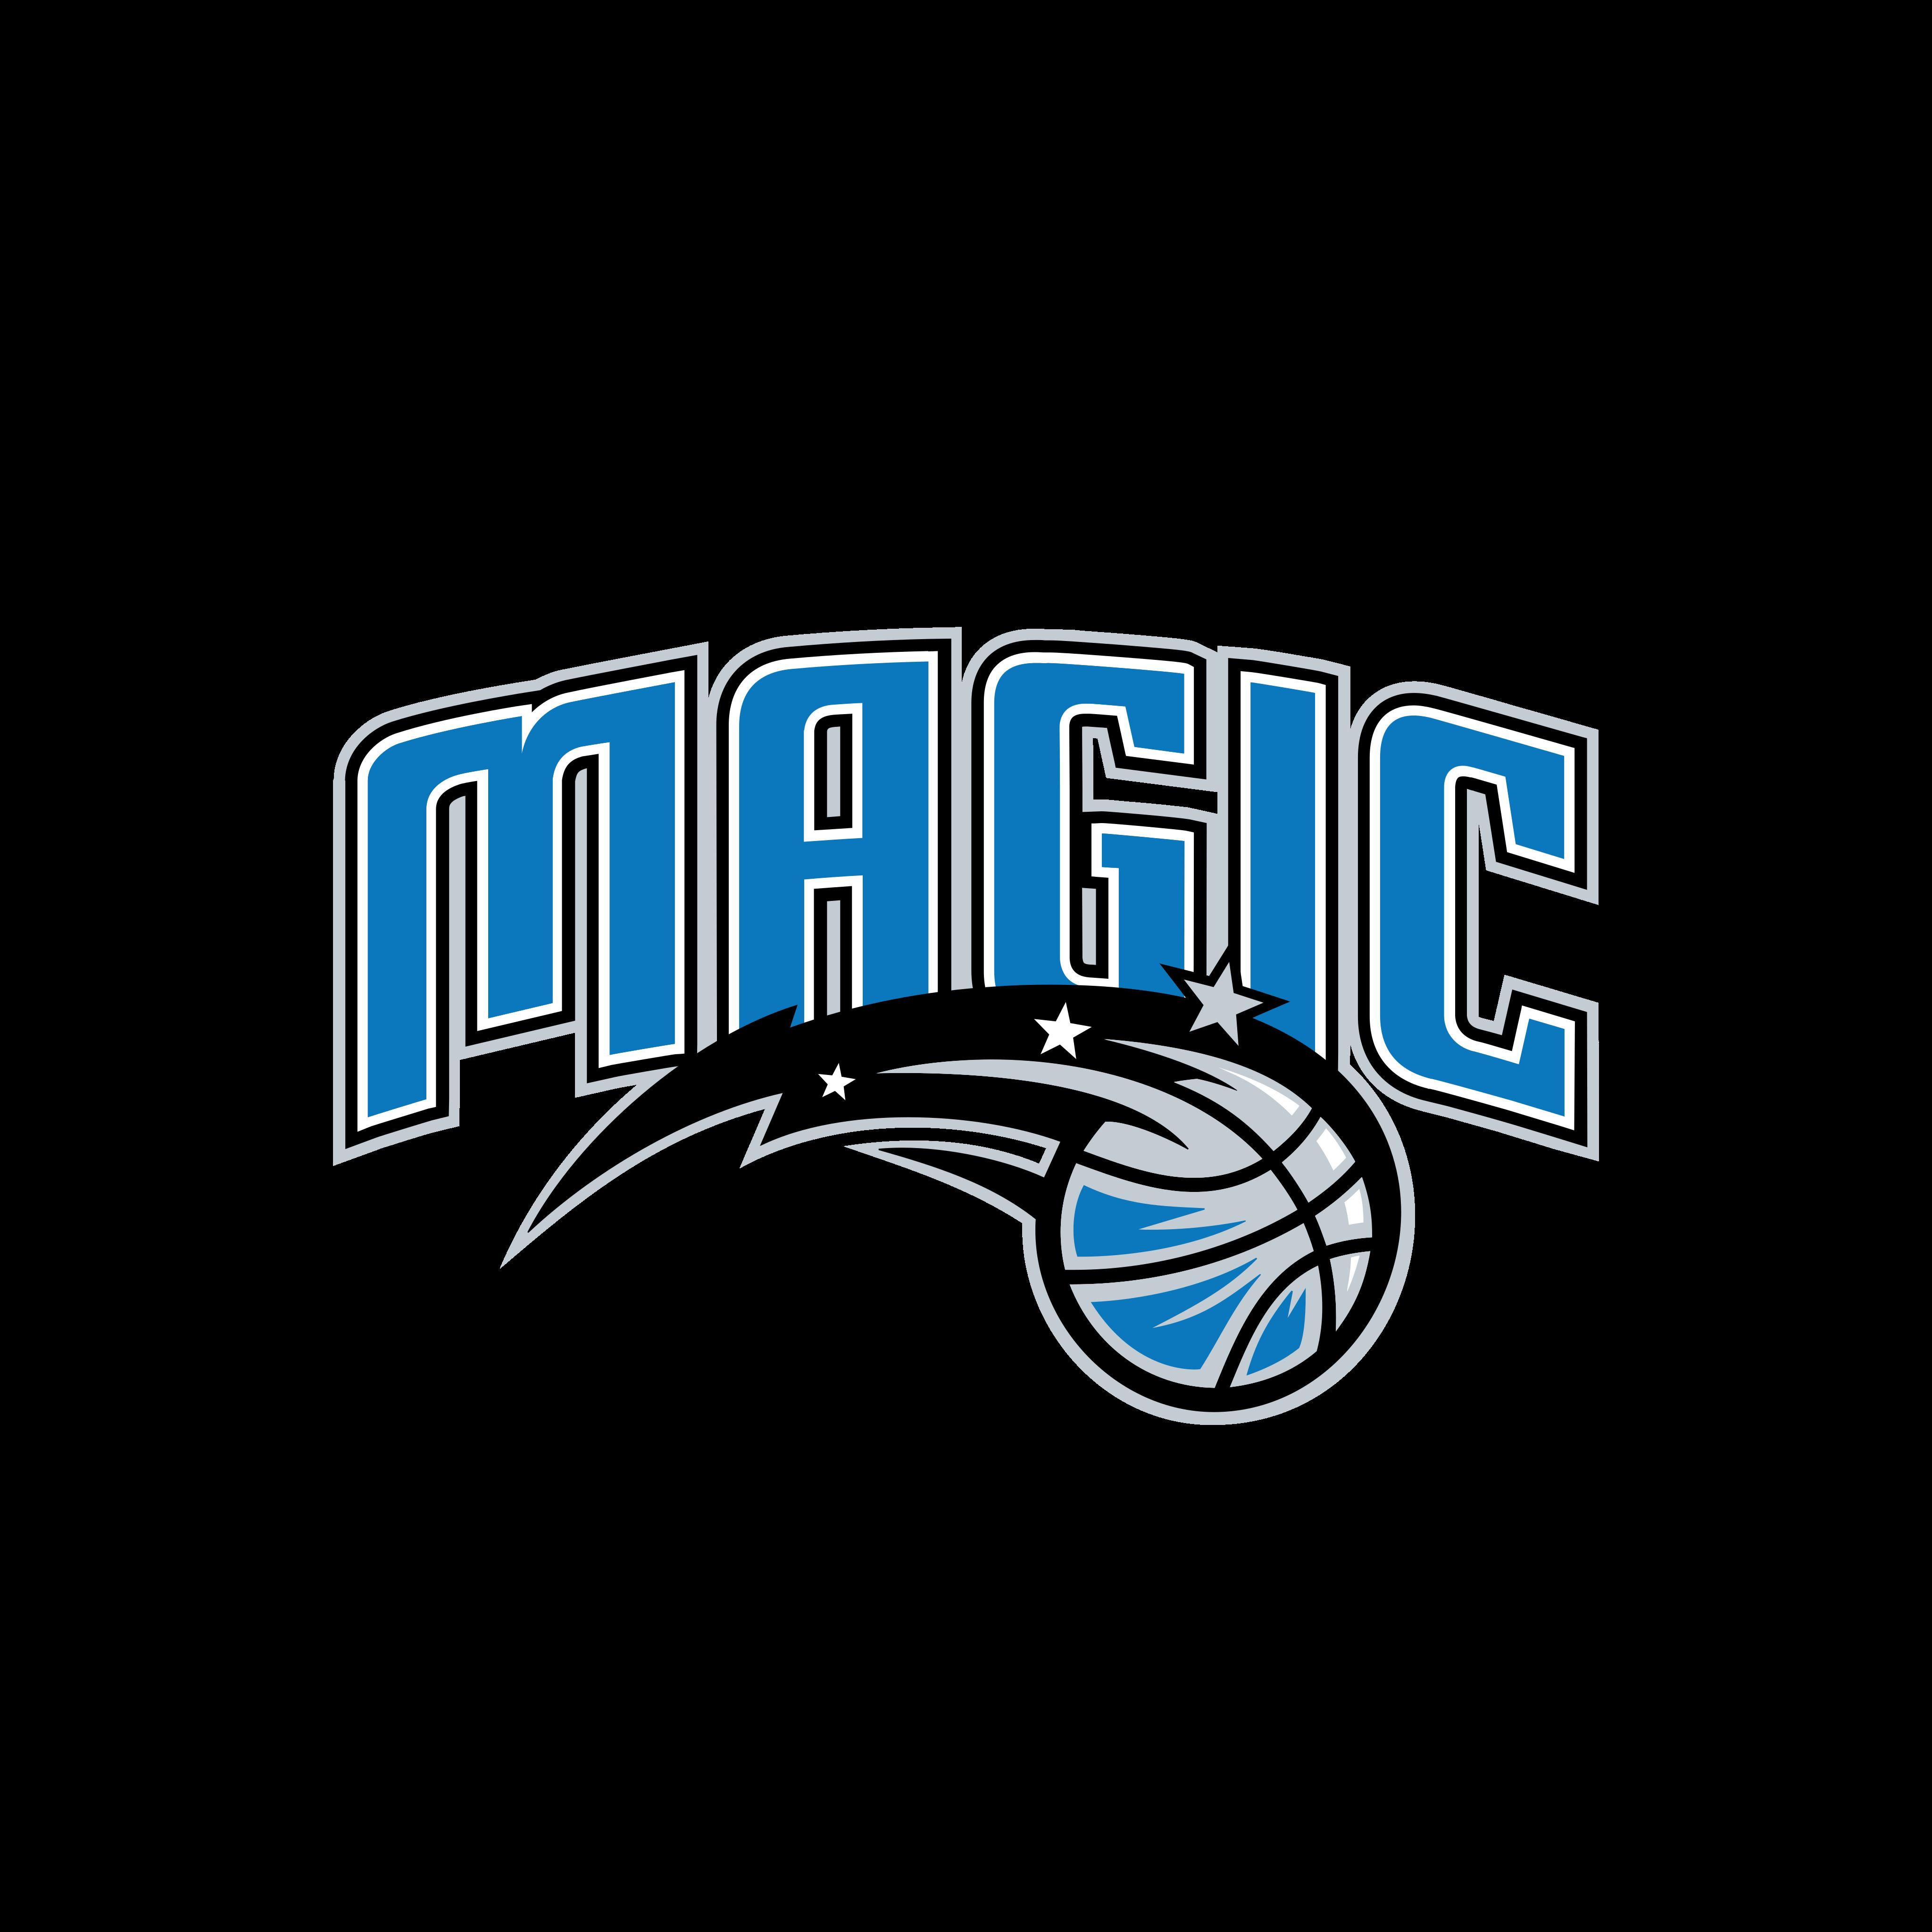 orlando magic logo 0 - Orlando Magic Logo